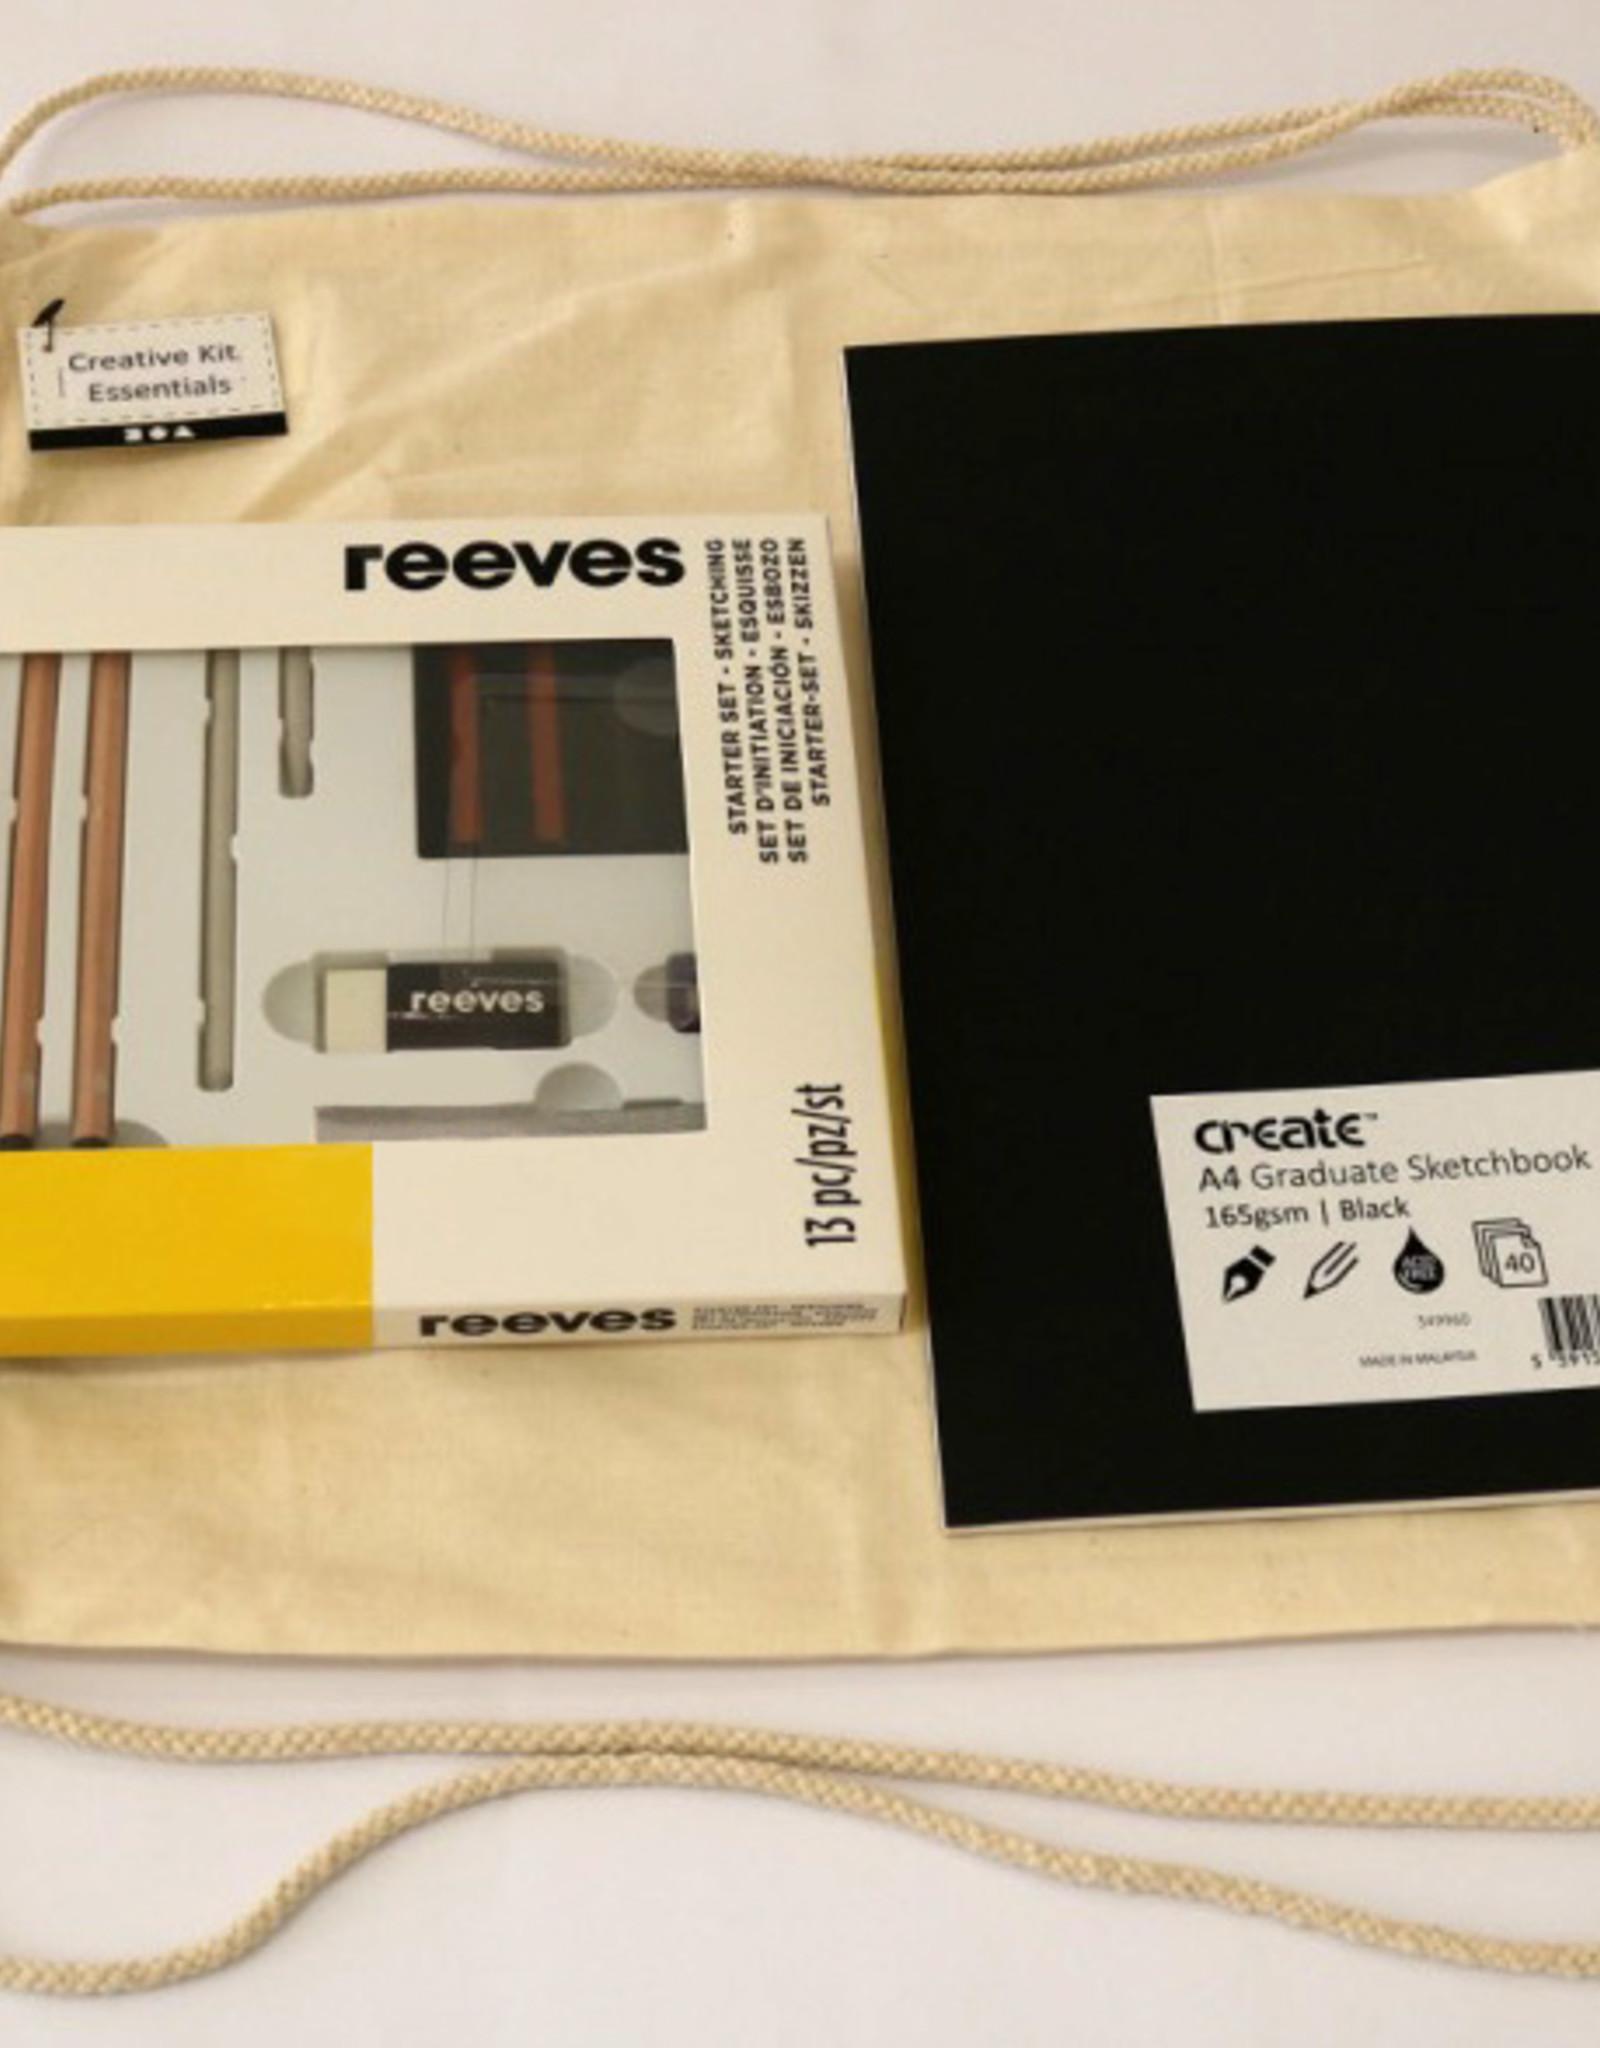 Hills Creative Kit Essentials